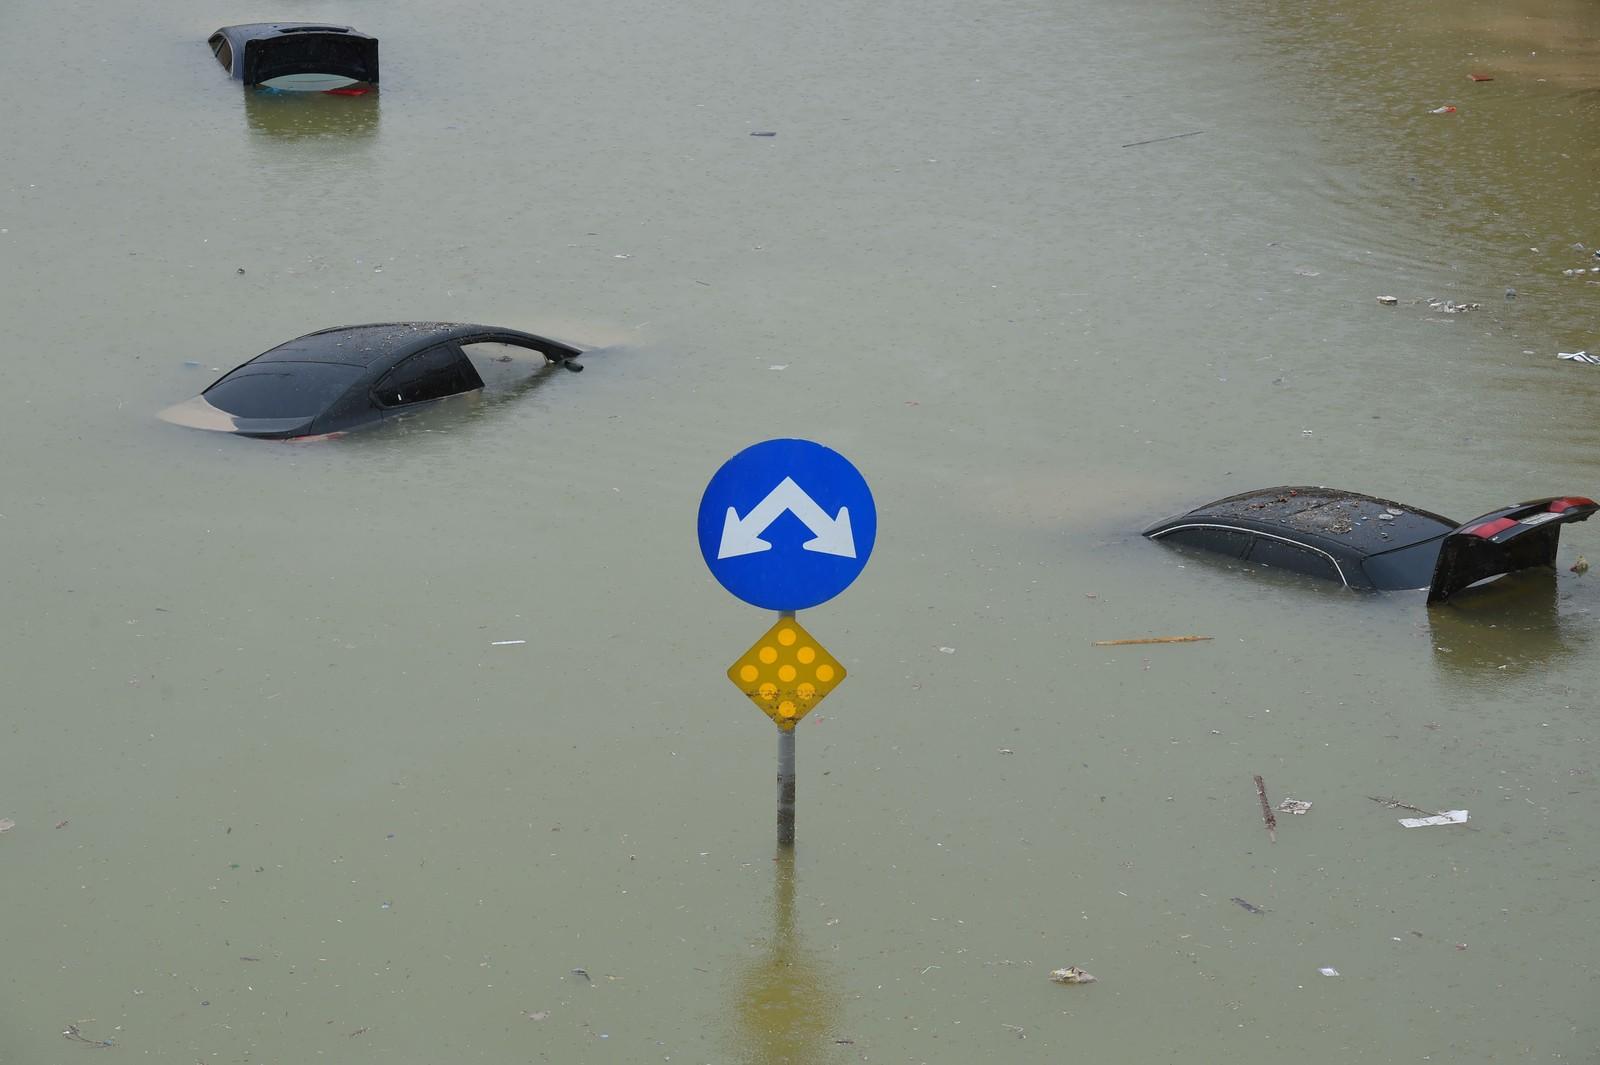 Biler ligger flytende midt i veien etter flere dagers kraftig regnvær i Riyadh i Saudi Arabia.